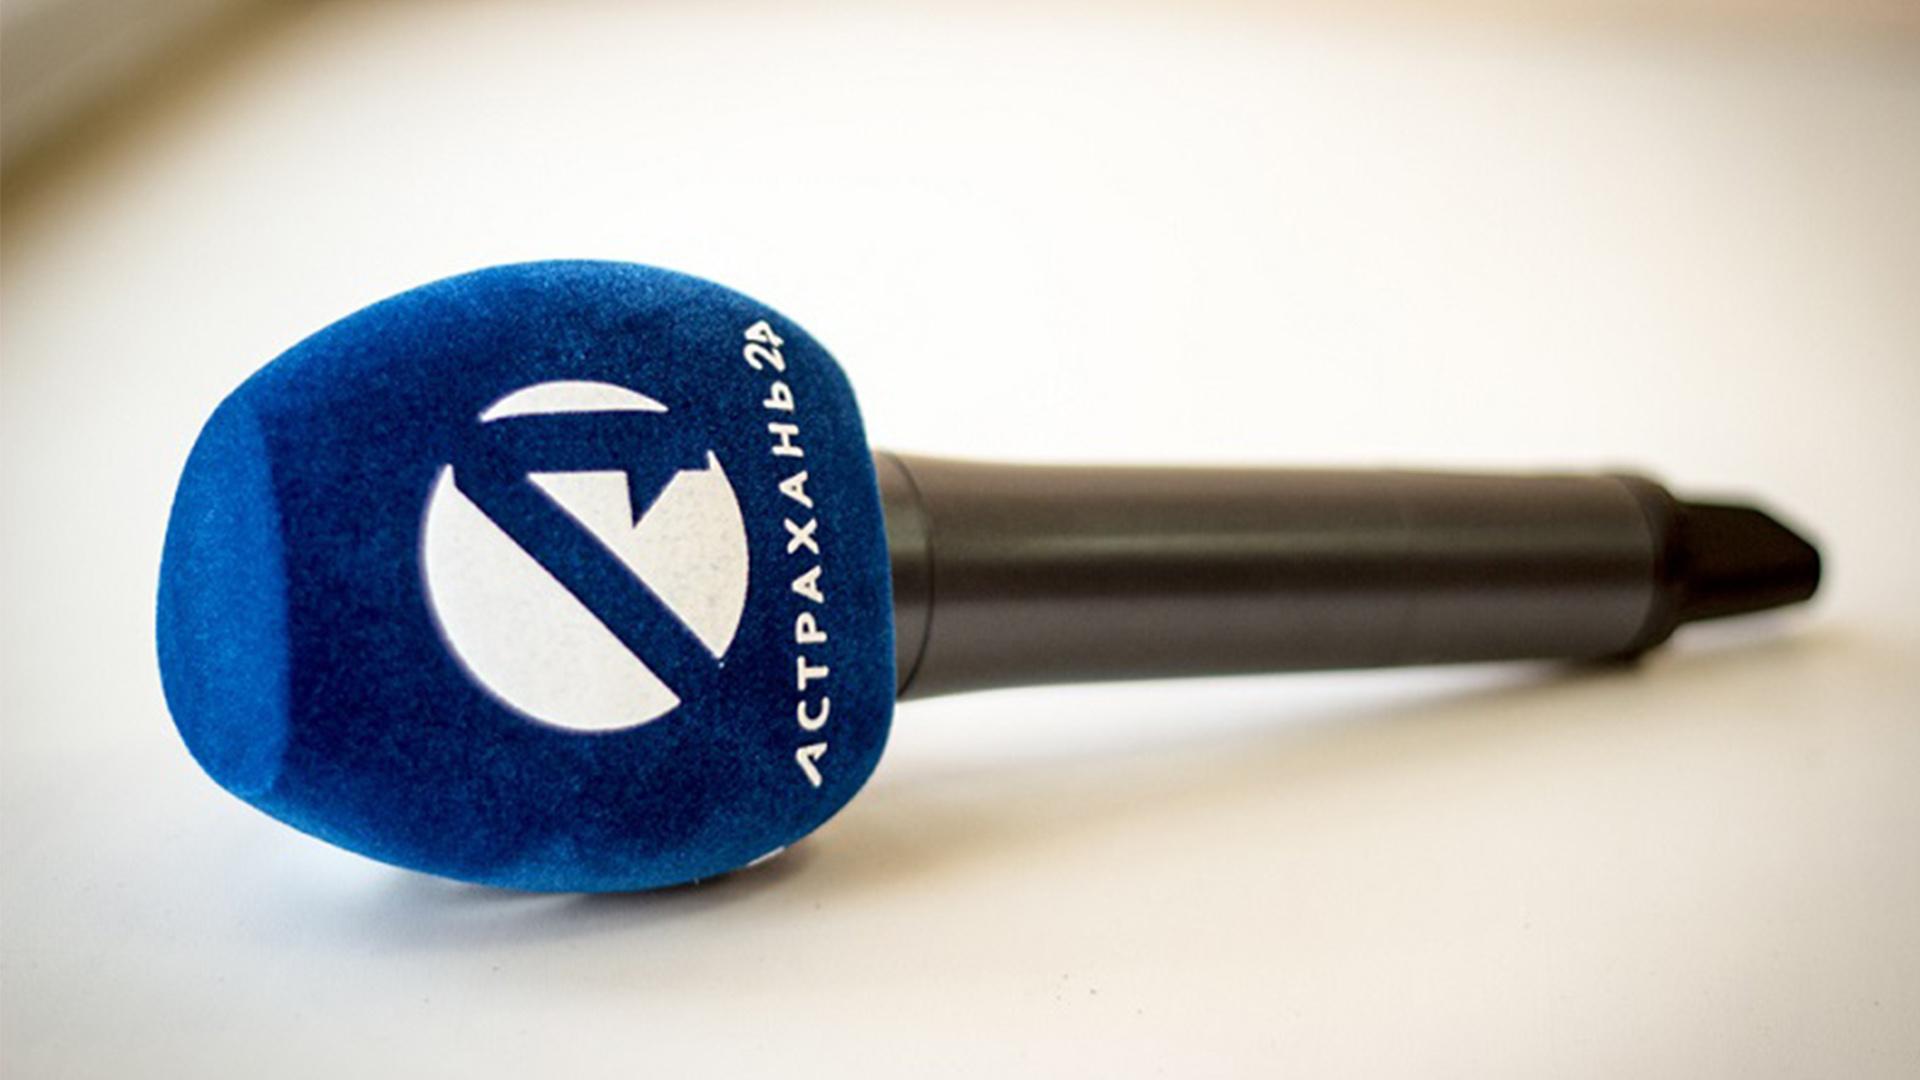 Проблемы таксомоторной отрасли в прямом эфире телепередачи «Точка зрения»